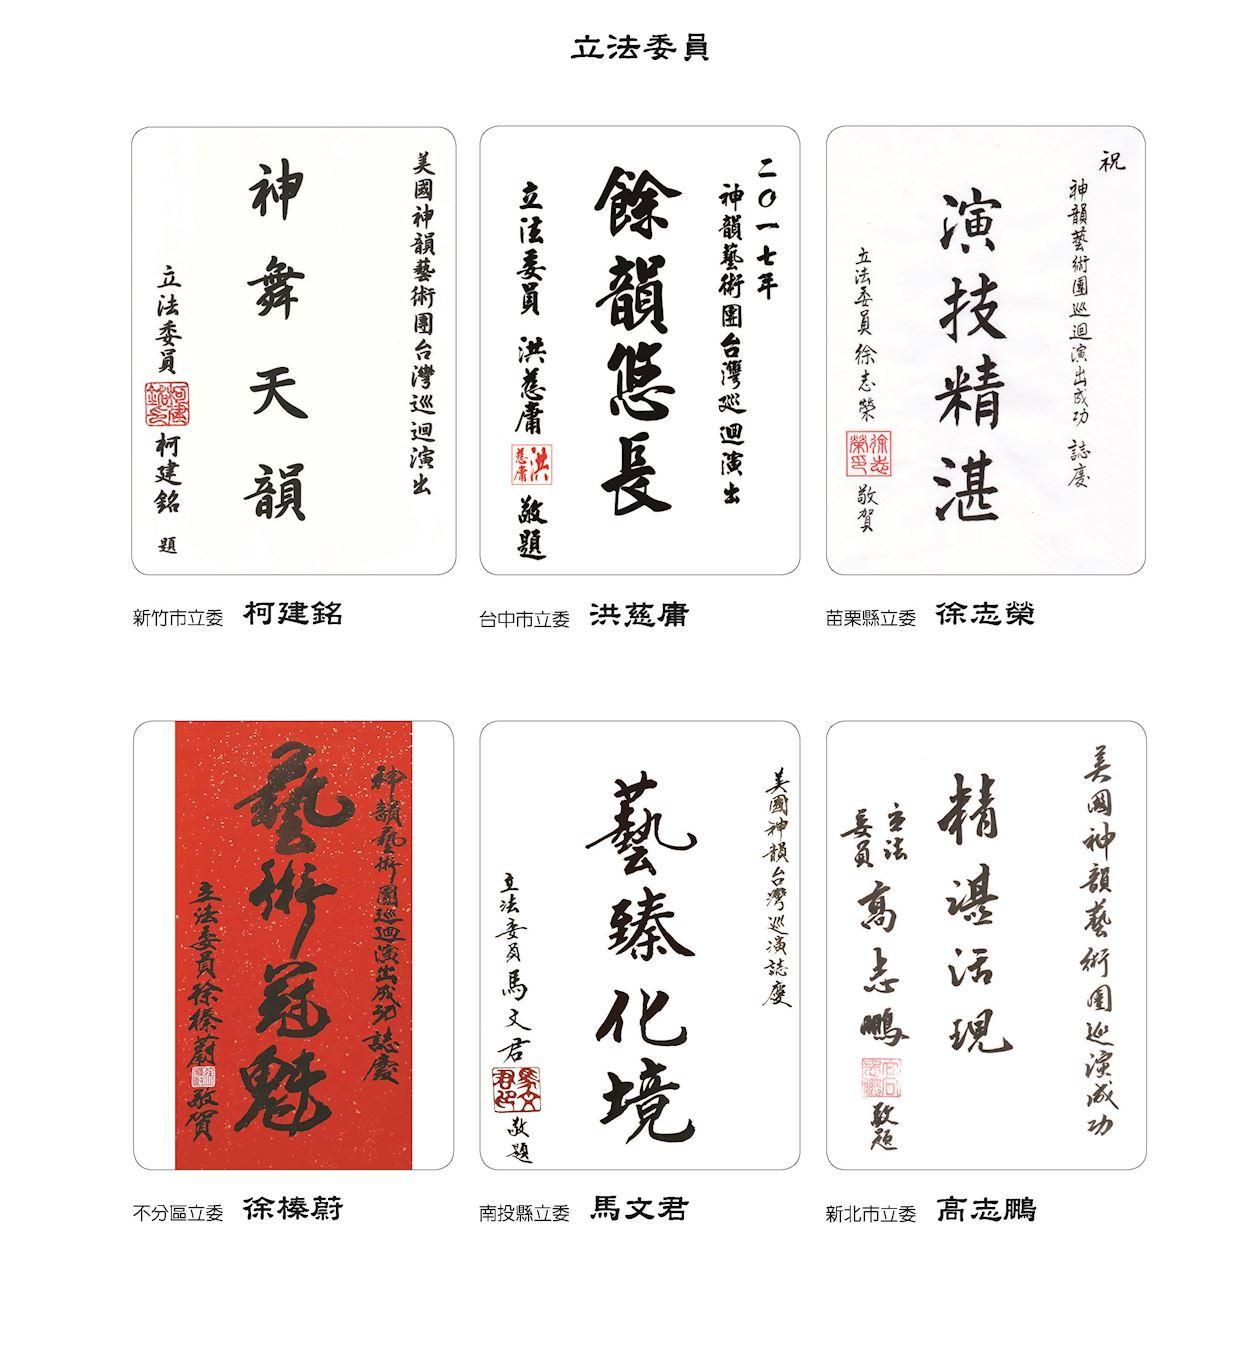 图8:台湾各县市议会议长发贺文欢迎神韵莅临。